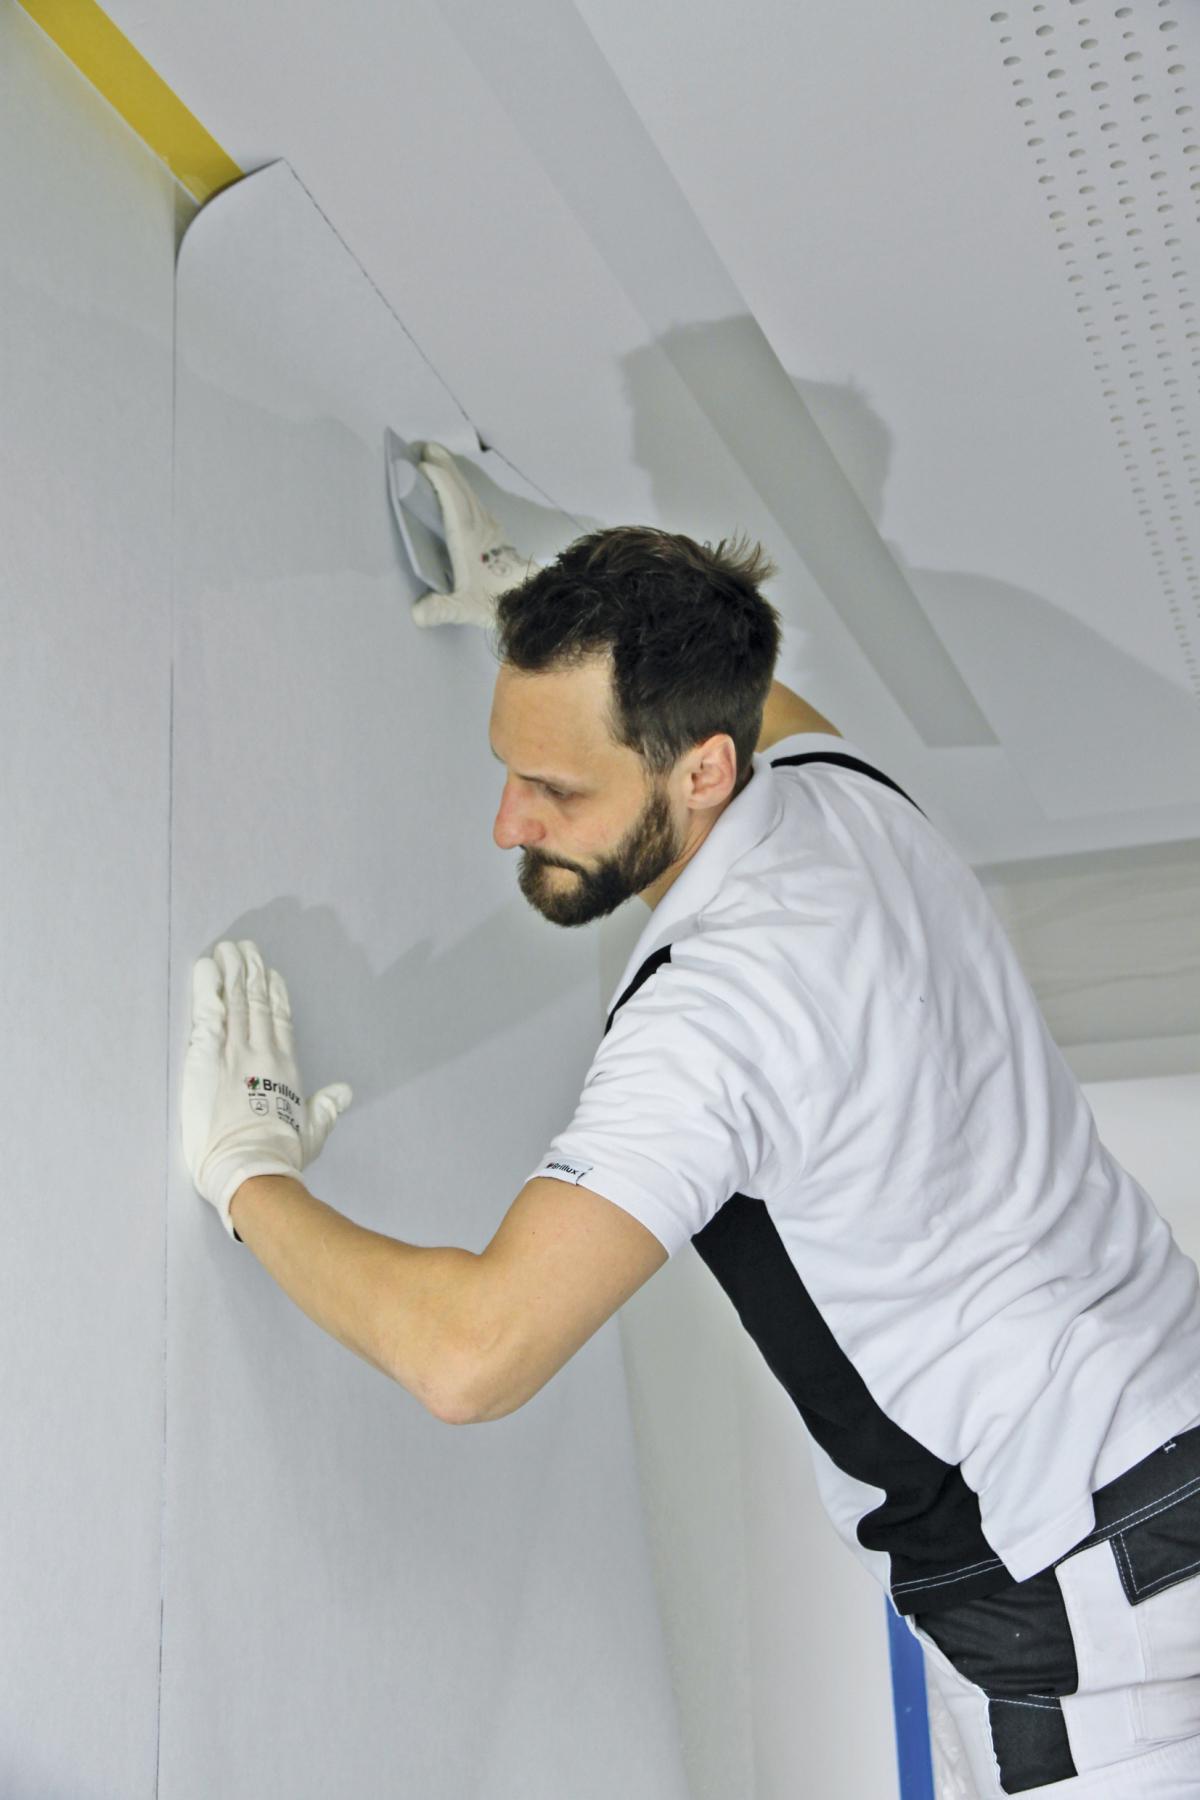 whiteboard als wandbeschichtung - bauhandwerk